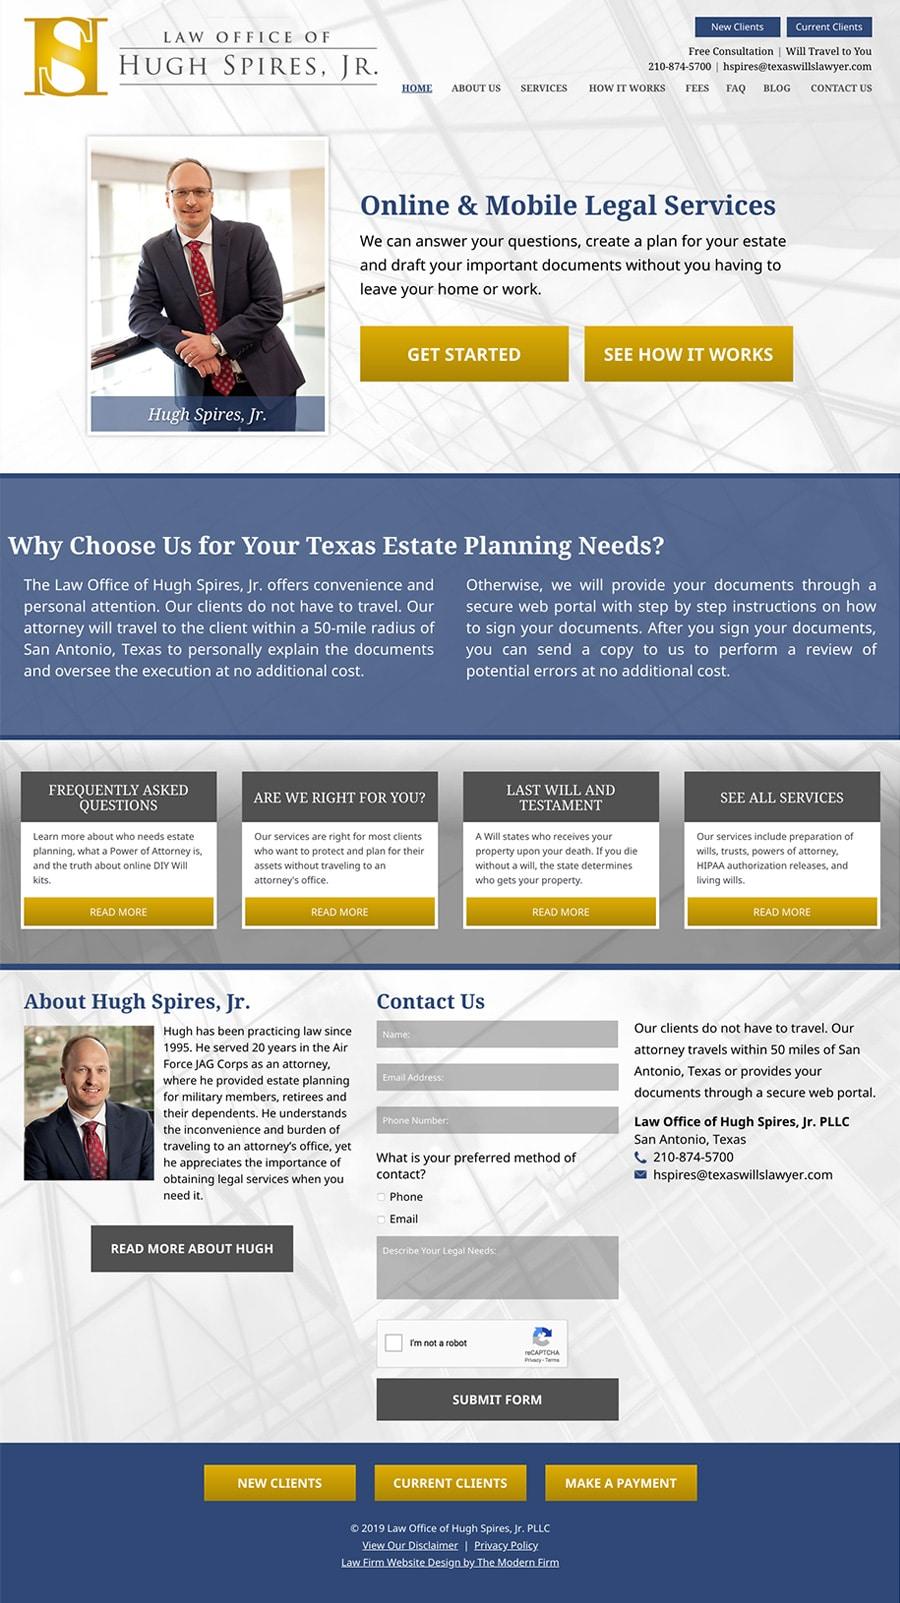 Law Firm Website Design for Law Office of Hugh Spires, Jr. PLLC